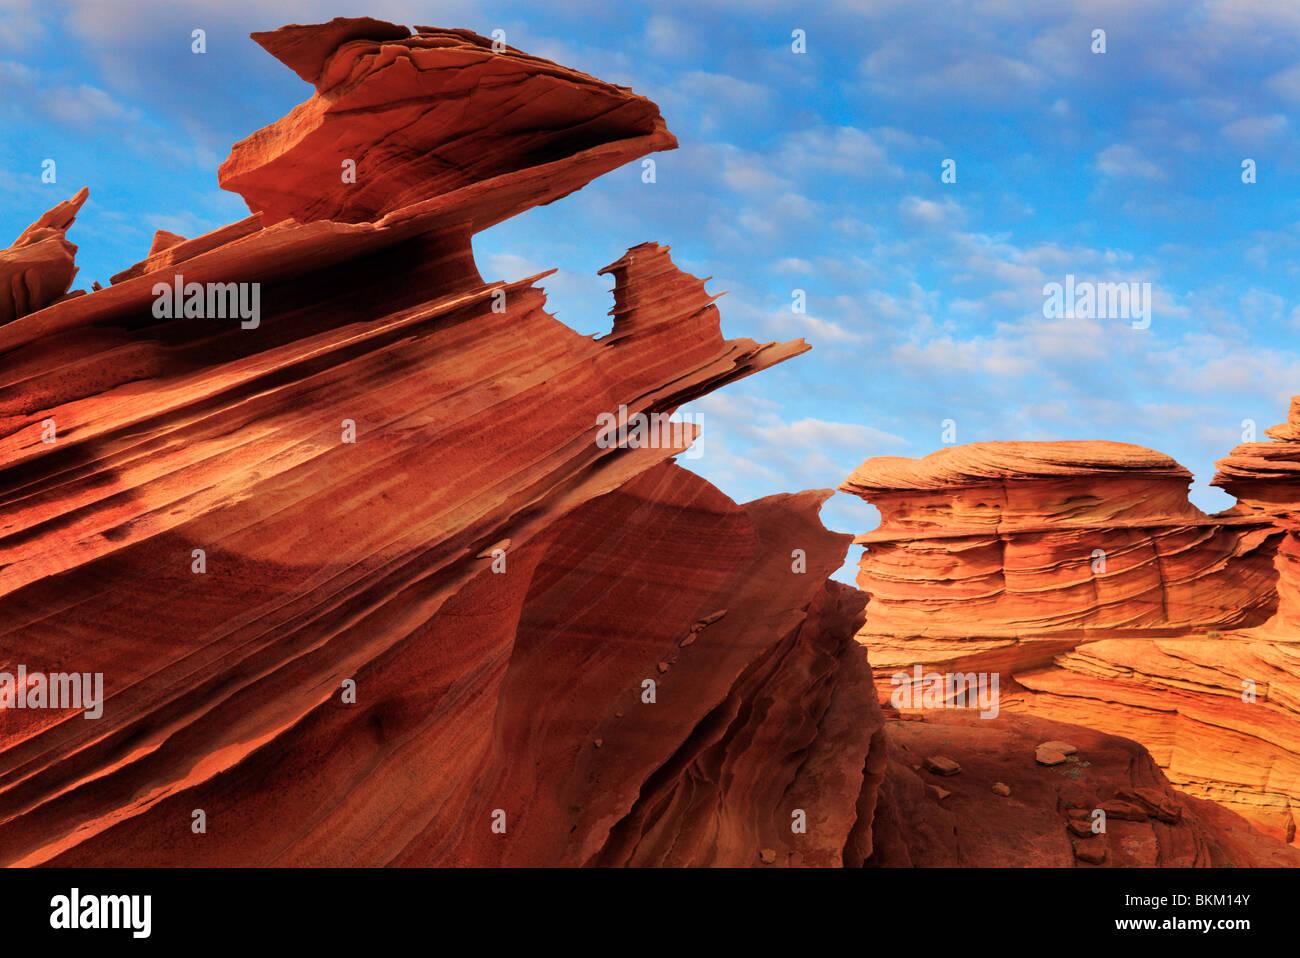 Dramatische Felsformationen im Vermilion Cliffs National Monument, Arizona Stockbild